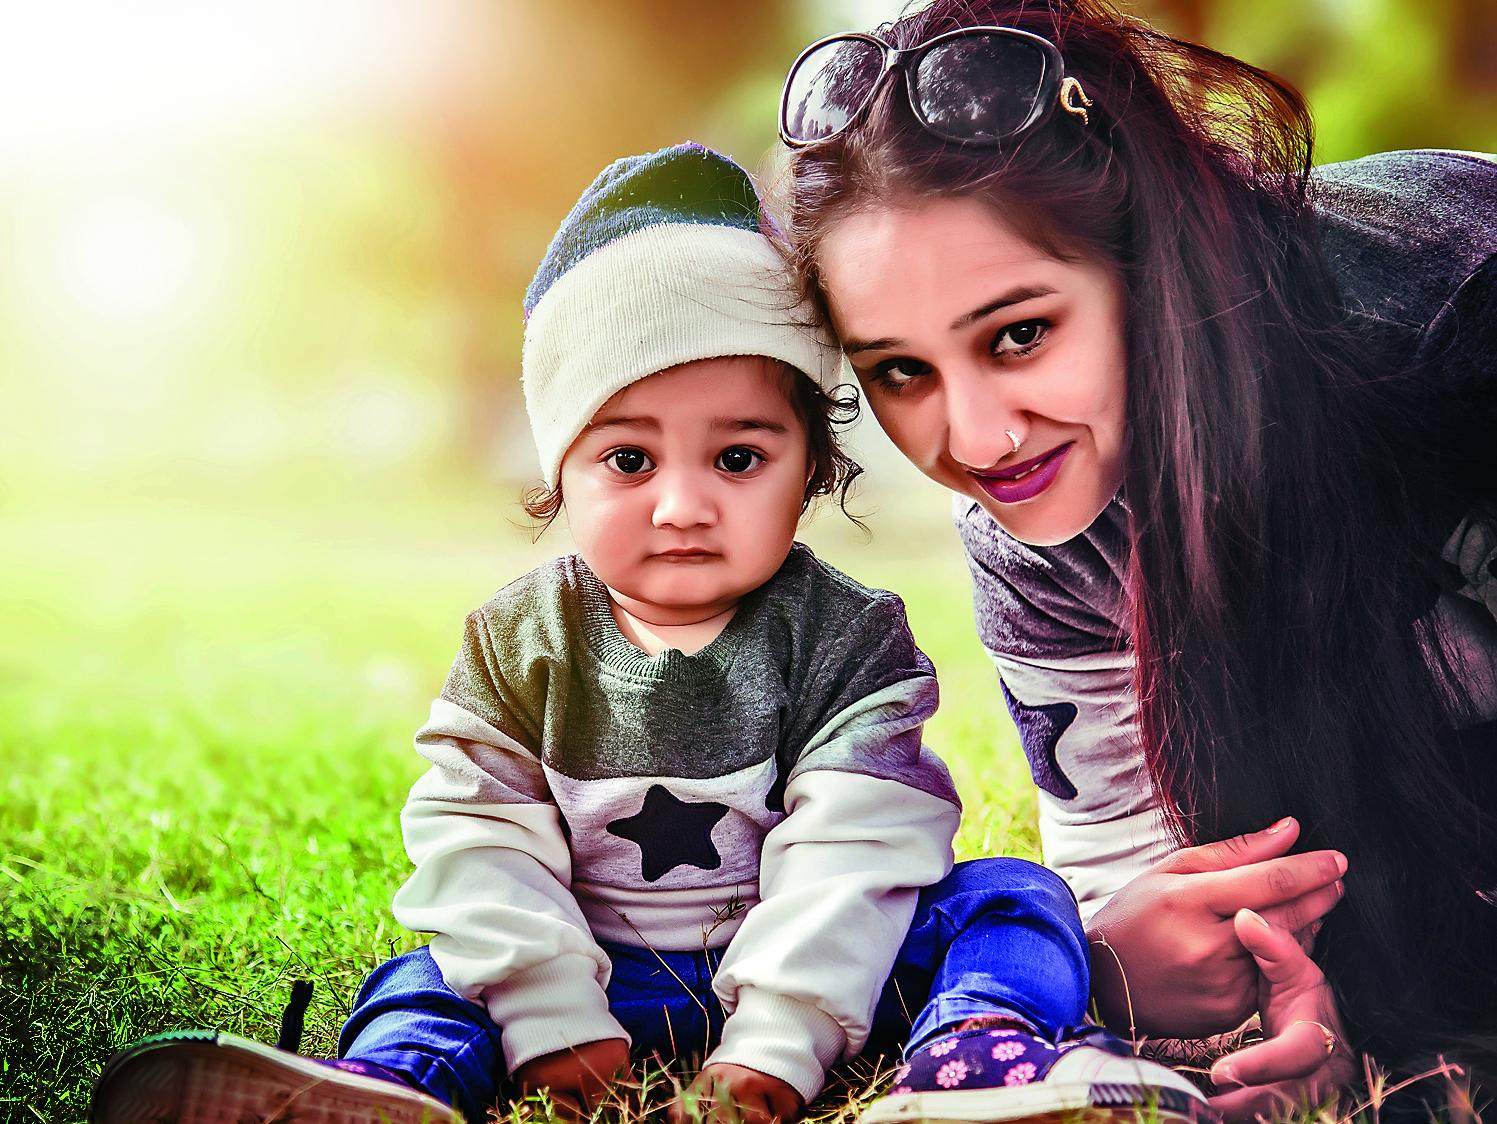 शिशु का हर क़दम अहम है: बेहद महत्वपूर्ण होते हैं बचपन के पहले तीन साल, शिशु का समझें व्यवहार और स्वस्थ विकास पर ध्यान दें